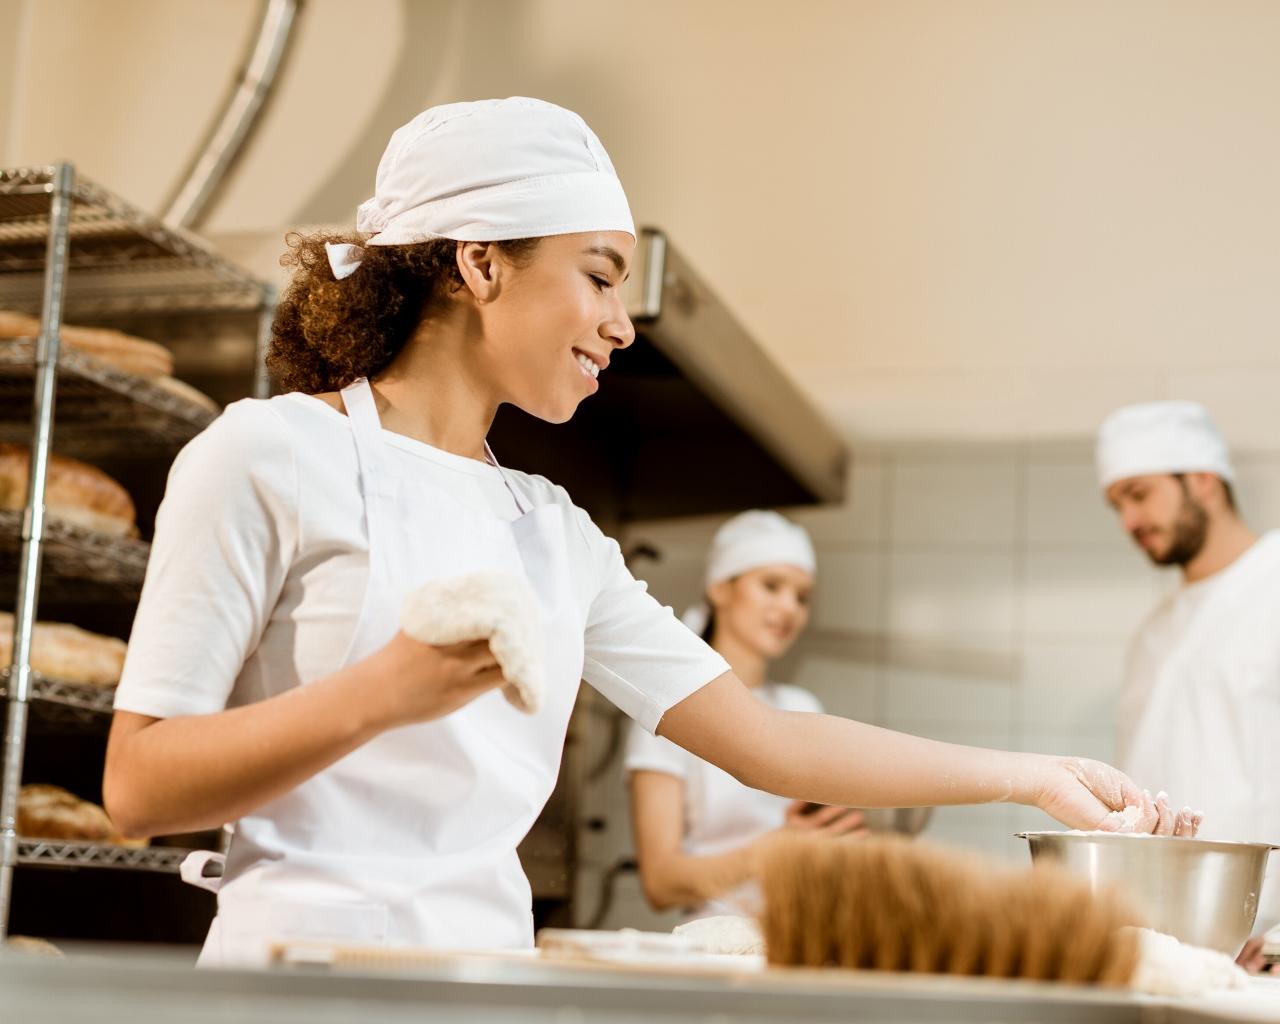 Career Focus: Baker